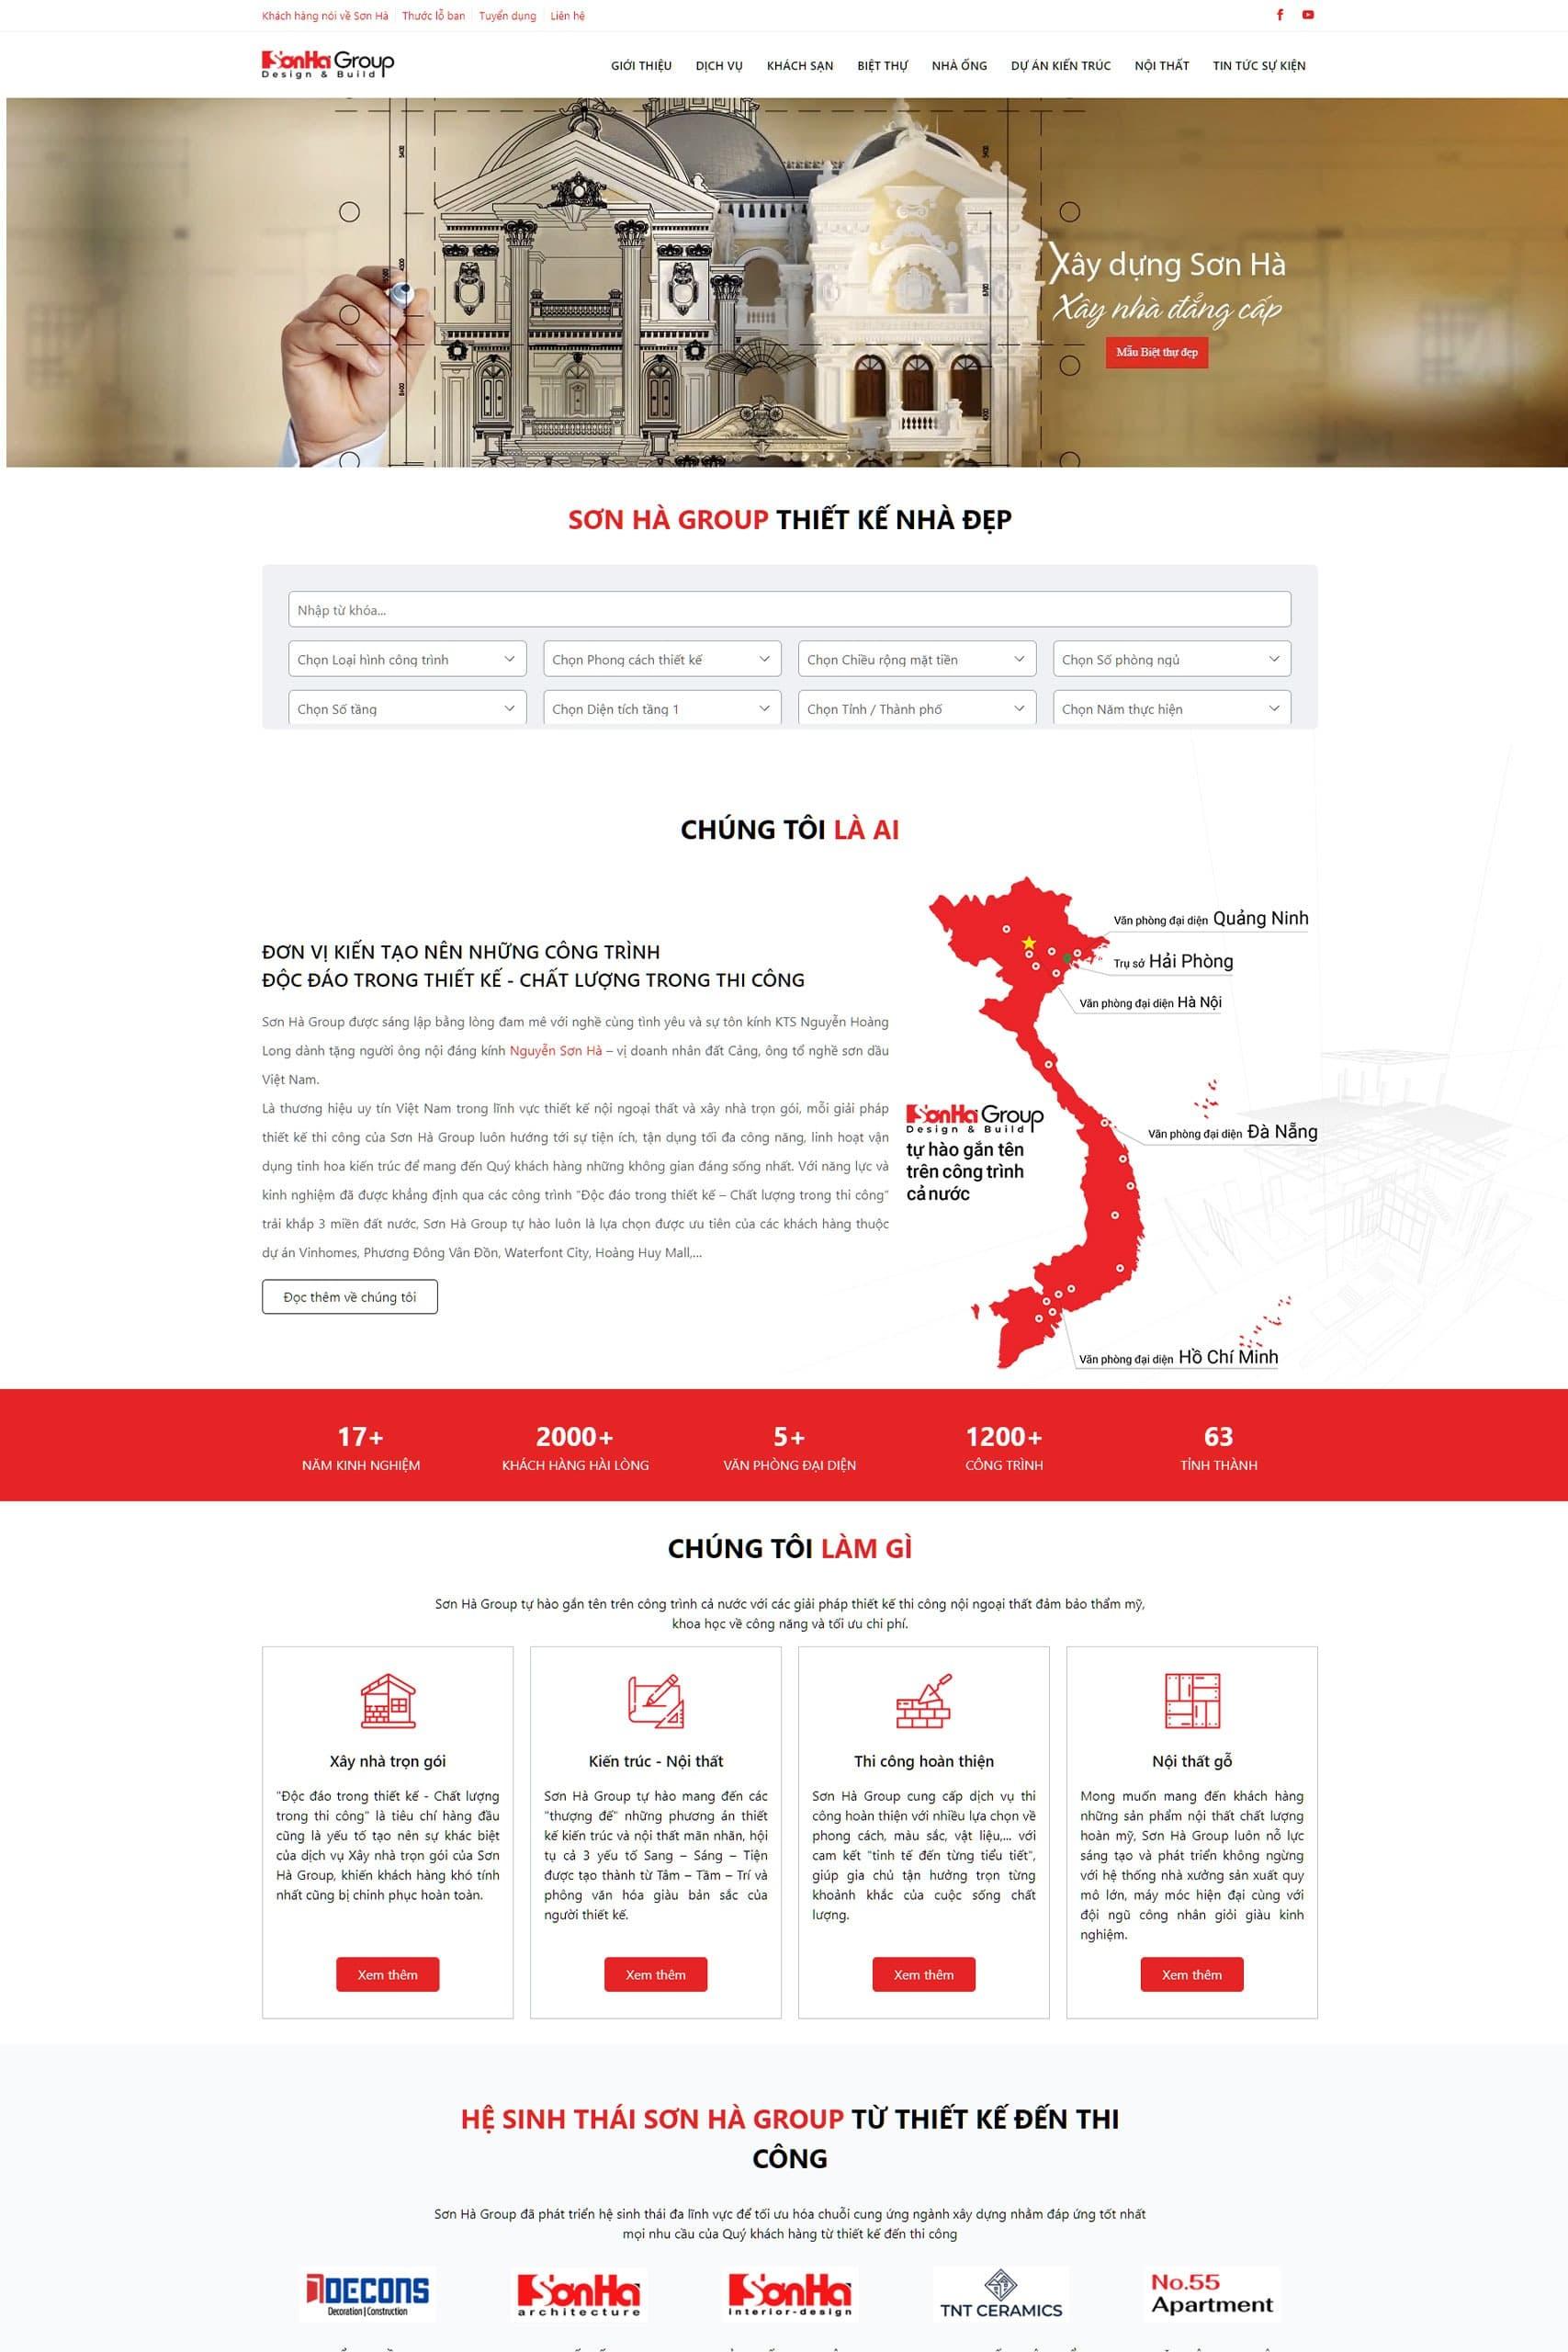 Website Sơn Hà Group